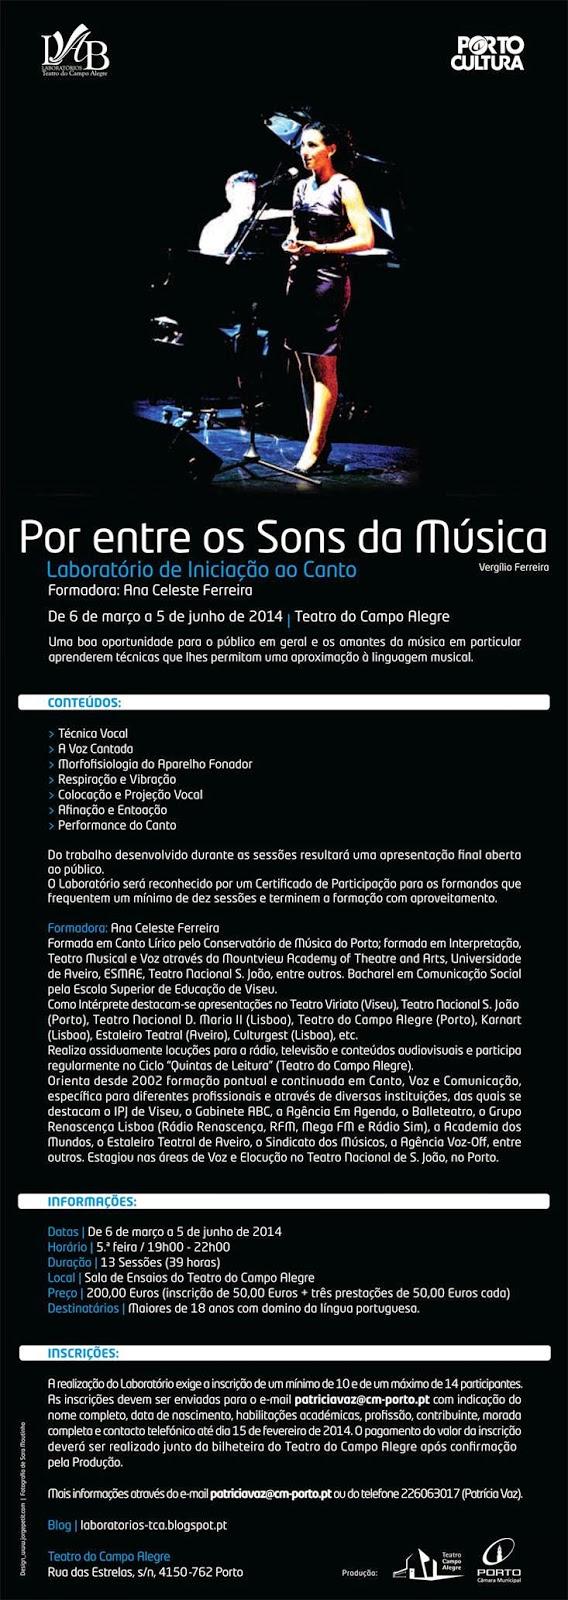 curso de canto e técnica vocal, Ana Celeste Ferreira